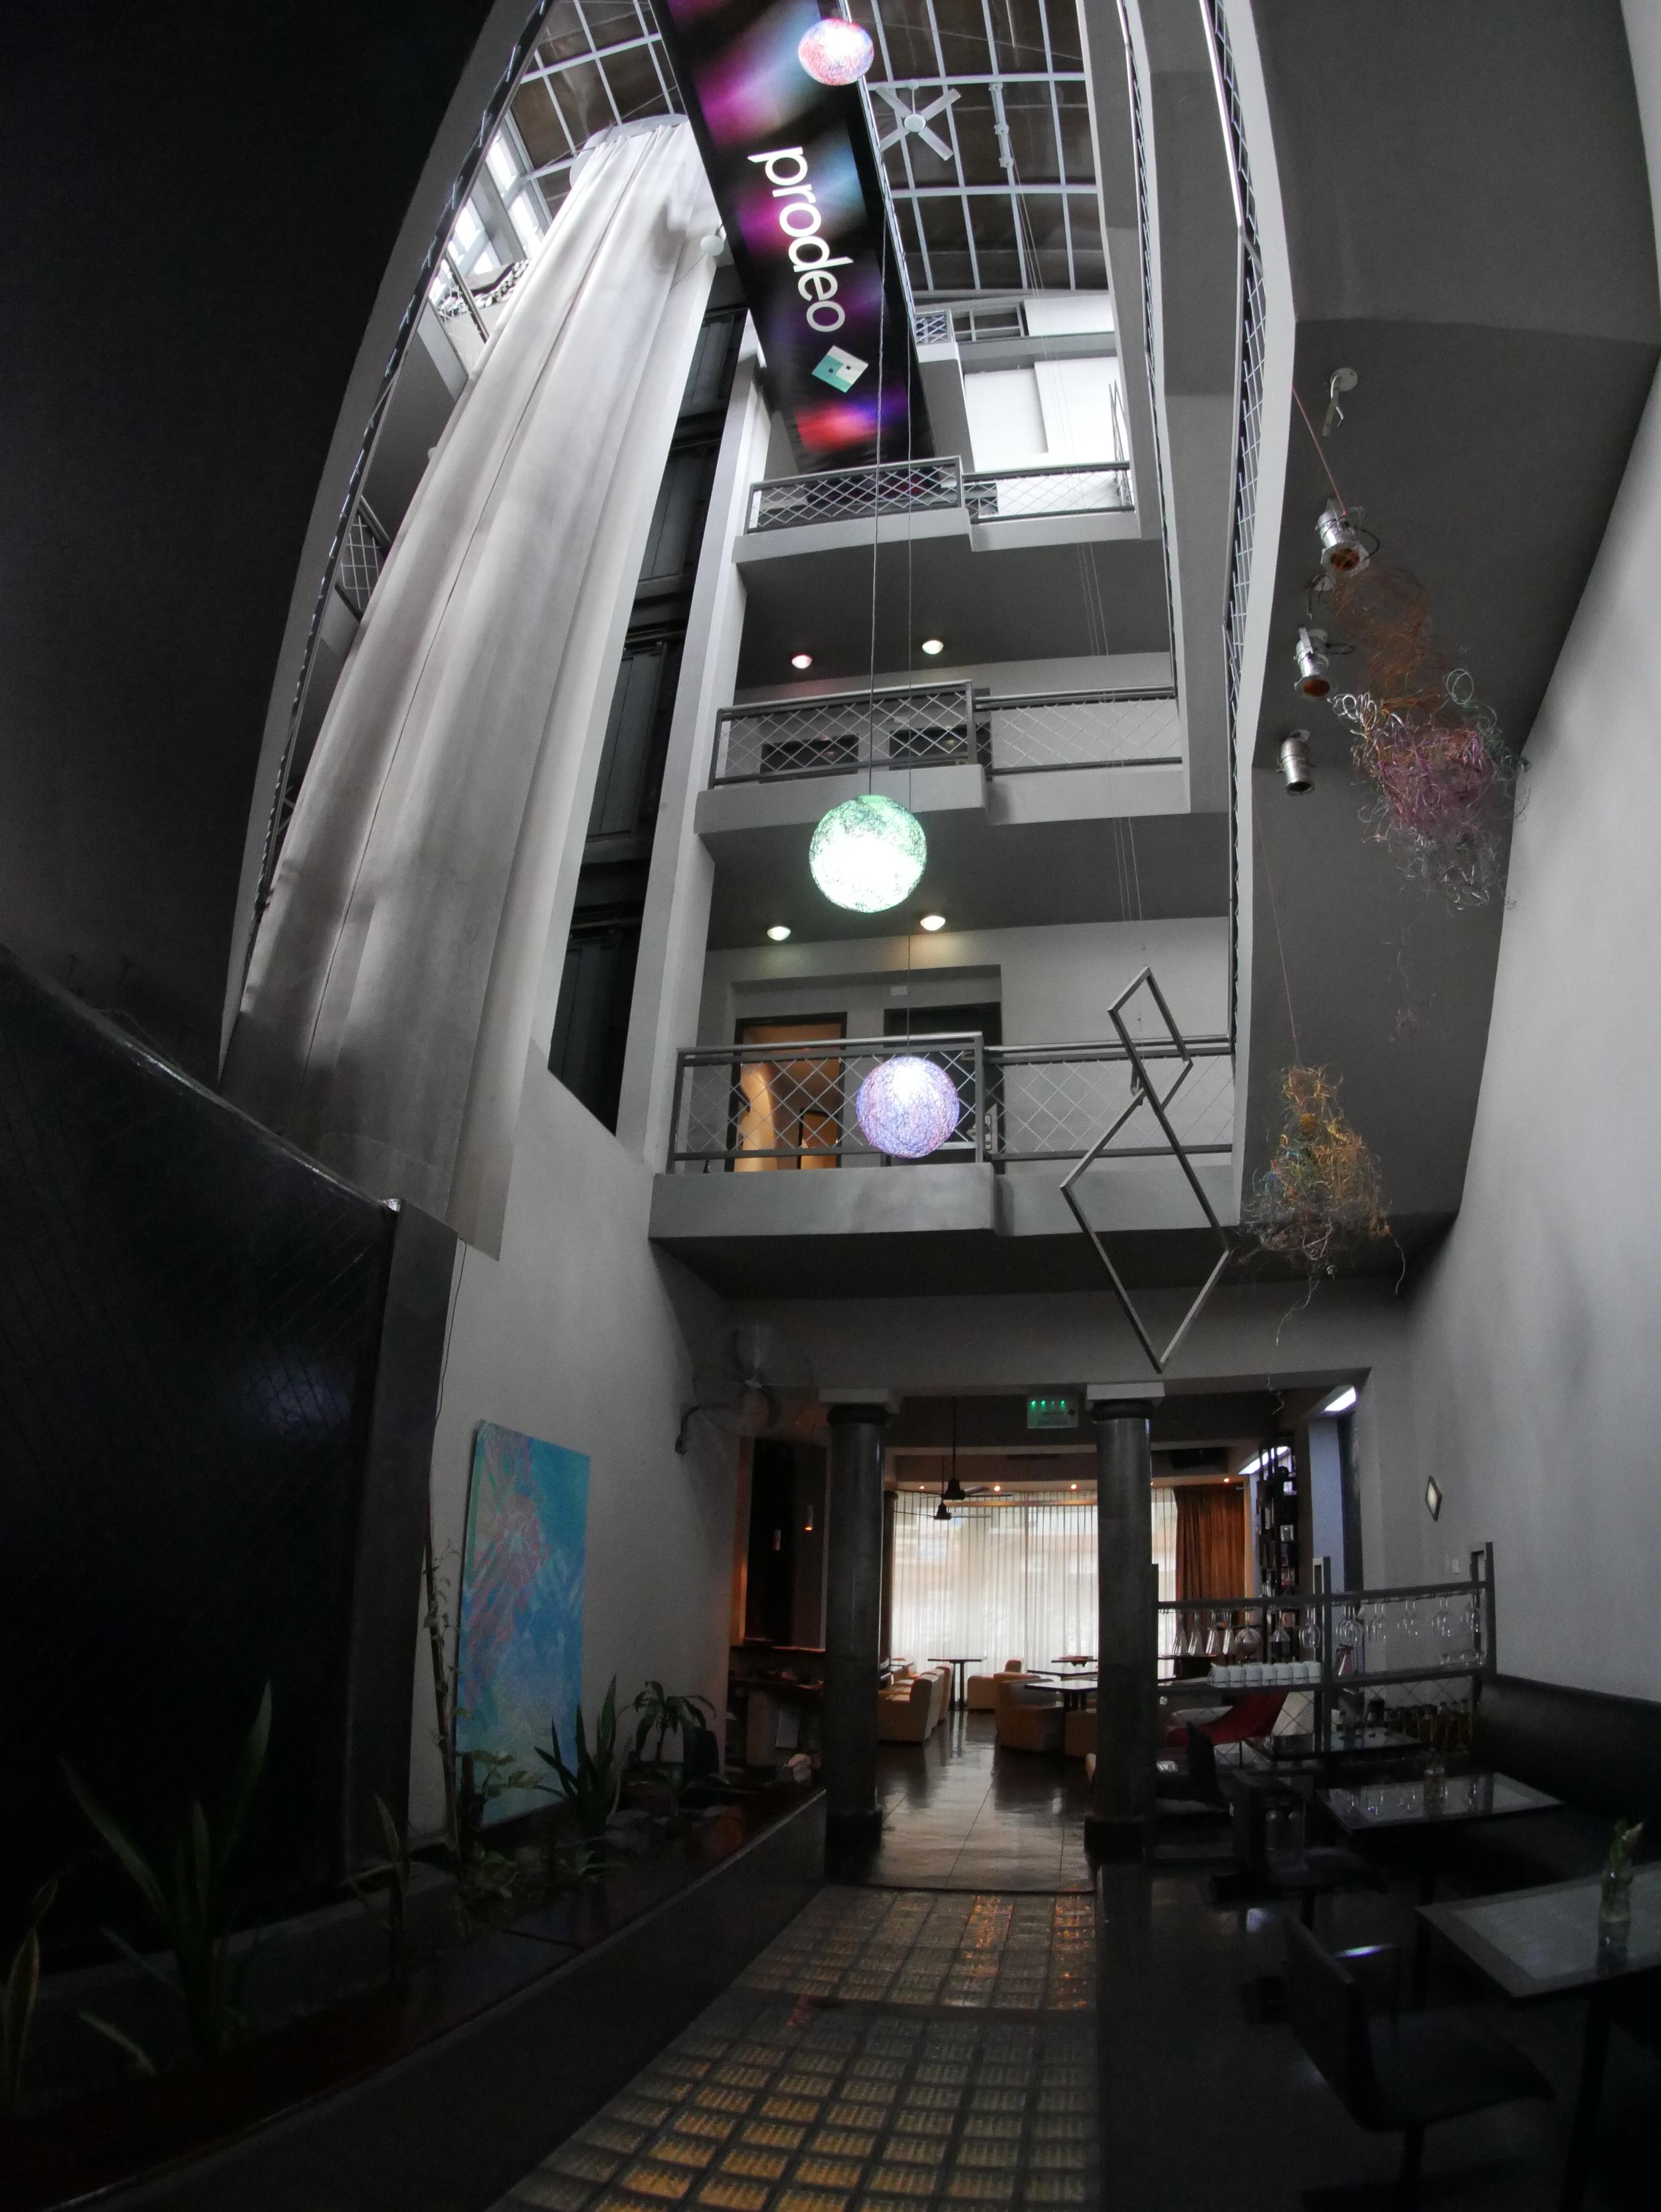 Prodeo_Hotel_Atrium.jpg